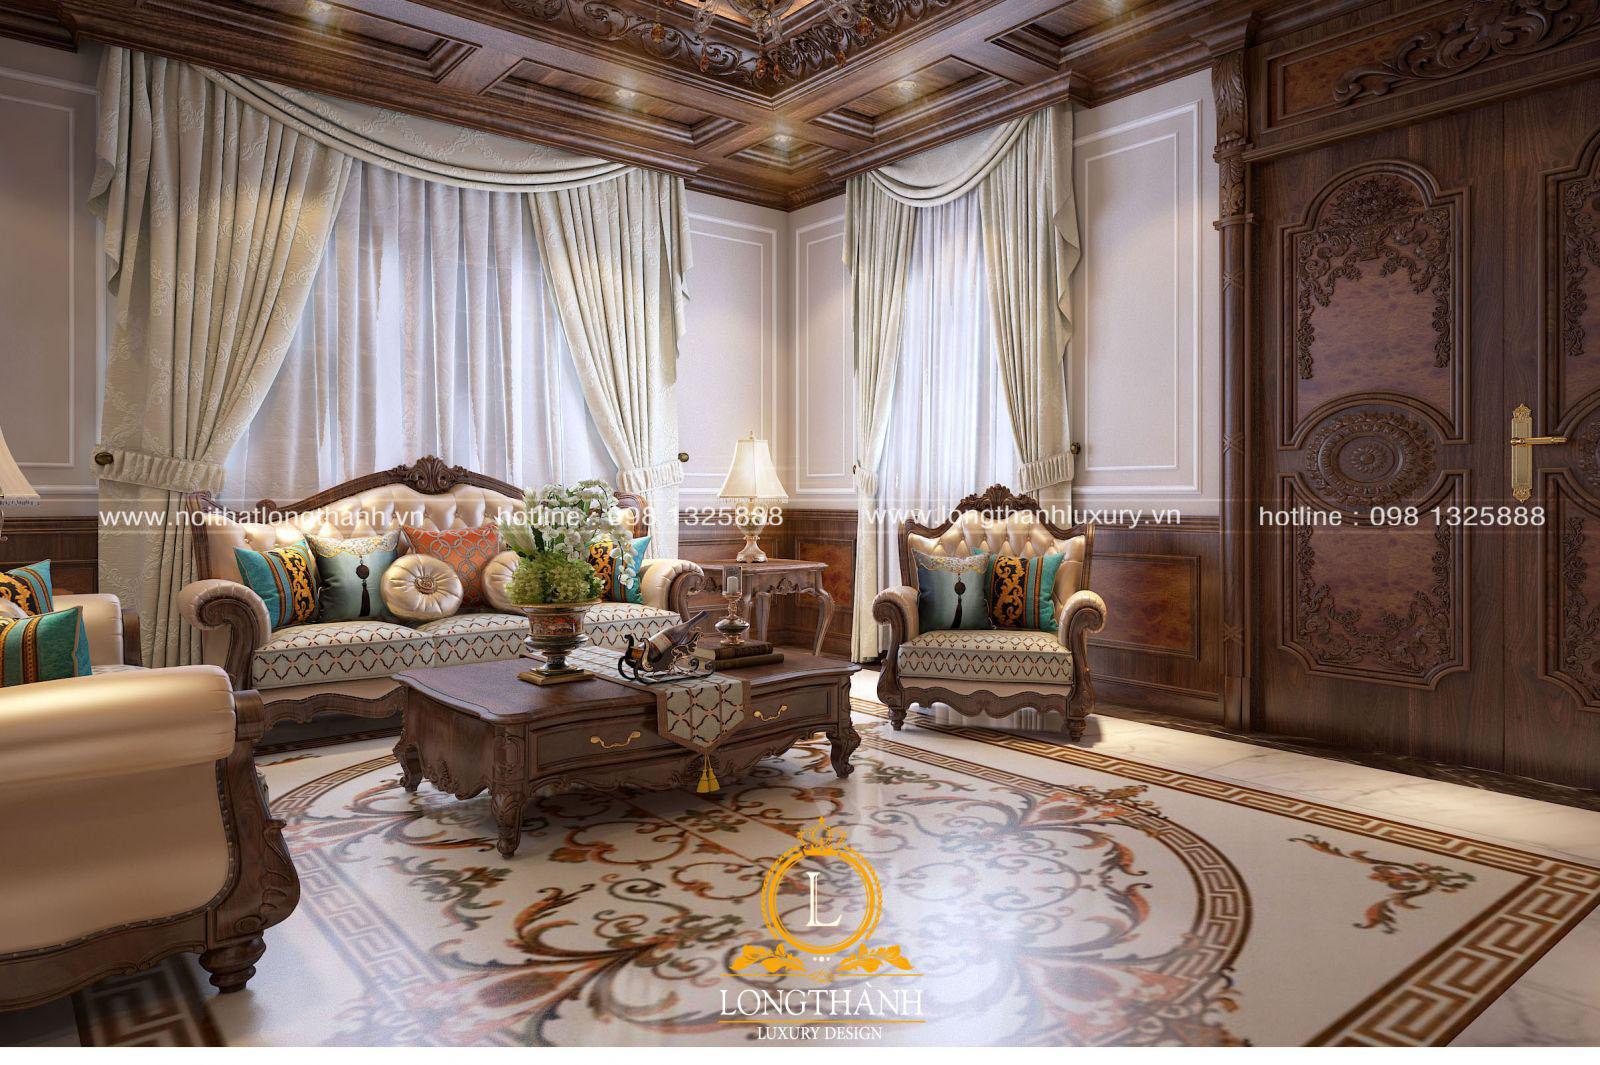 Mẫu sofa tân cổ điển đẹp LT07 góc nhìn thứ 3